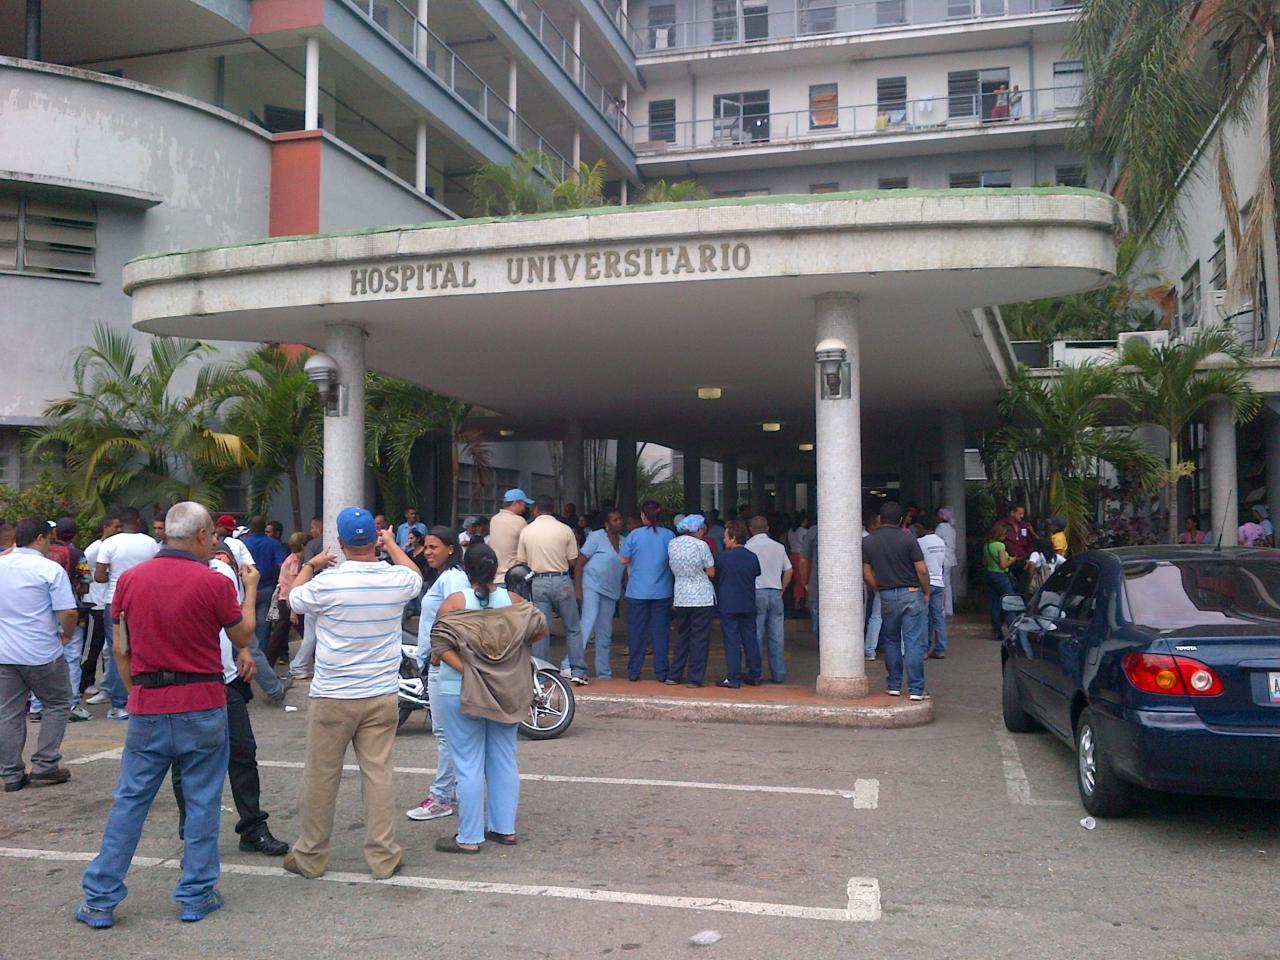 Según fuentes extraoficiales los pacientes se encontraban recluidos en la sala de cuidados intensivos